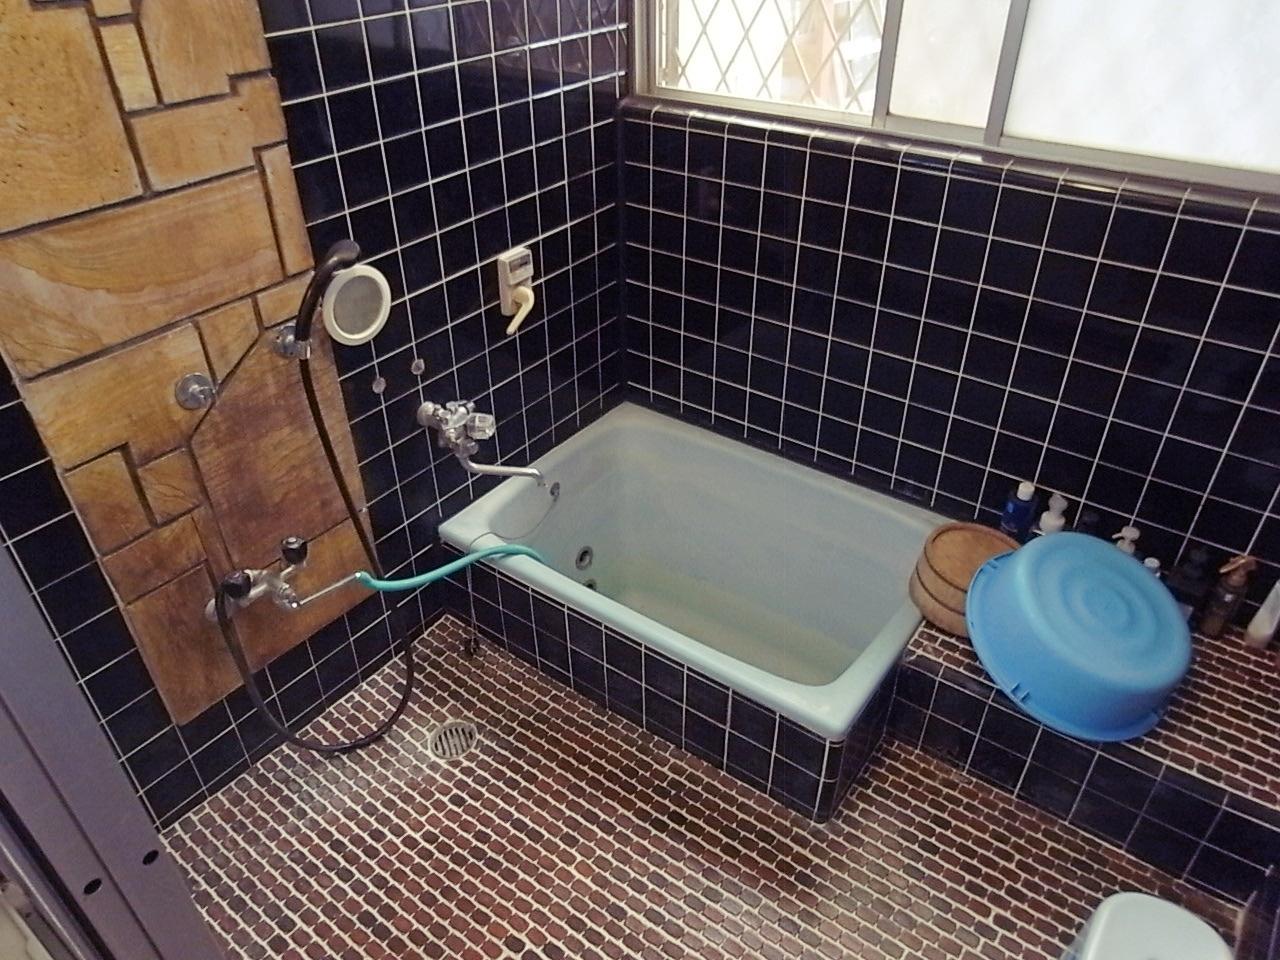 湯船が小さのはご愛嬌。浴室自体は広いです。